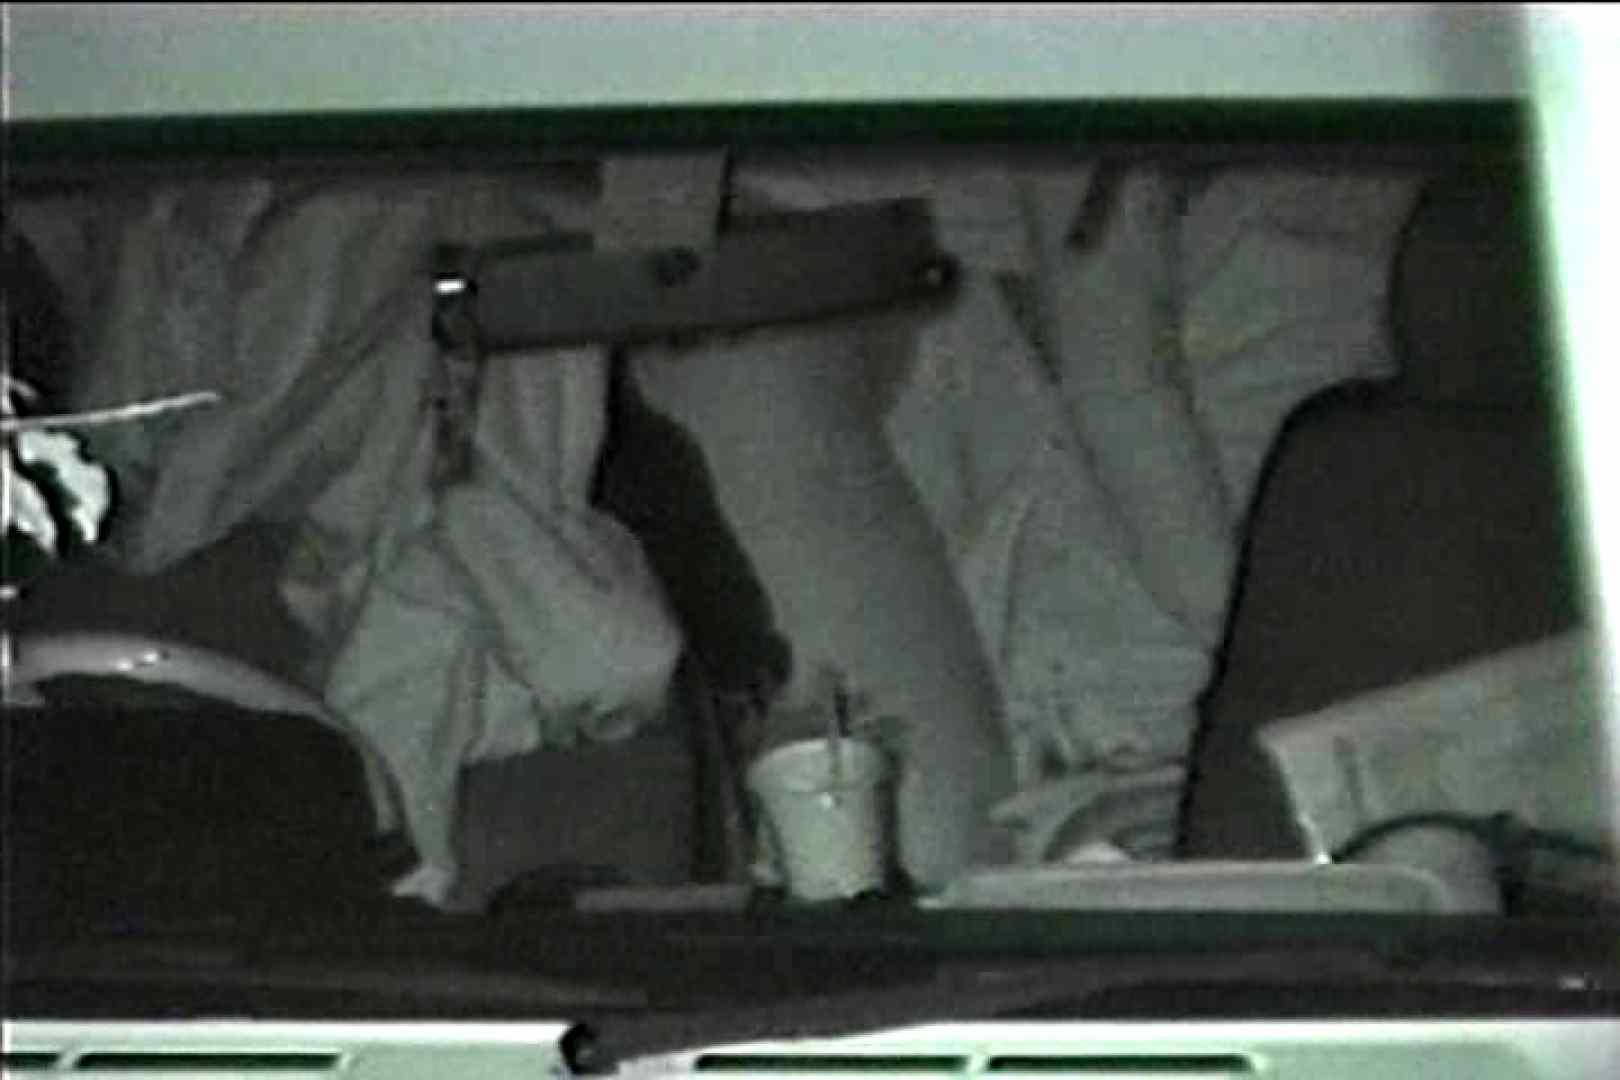 車の中はラブホテル 無修正版  Vol.7 セックス流出映像 ヌード画像 96連発 11